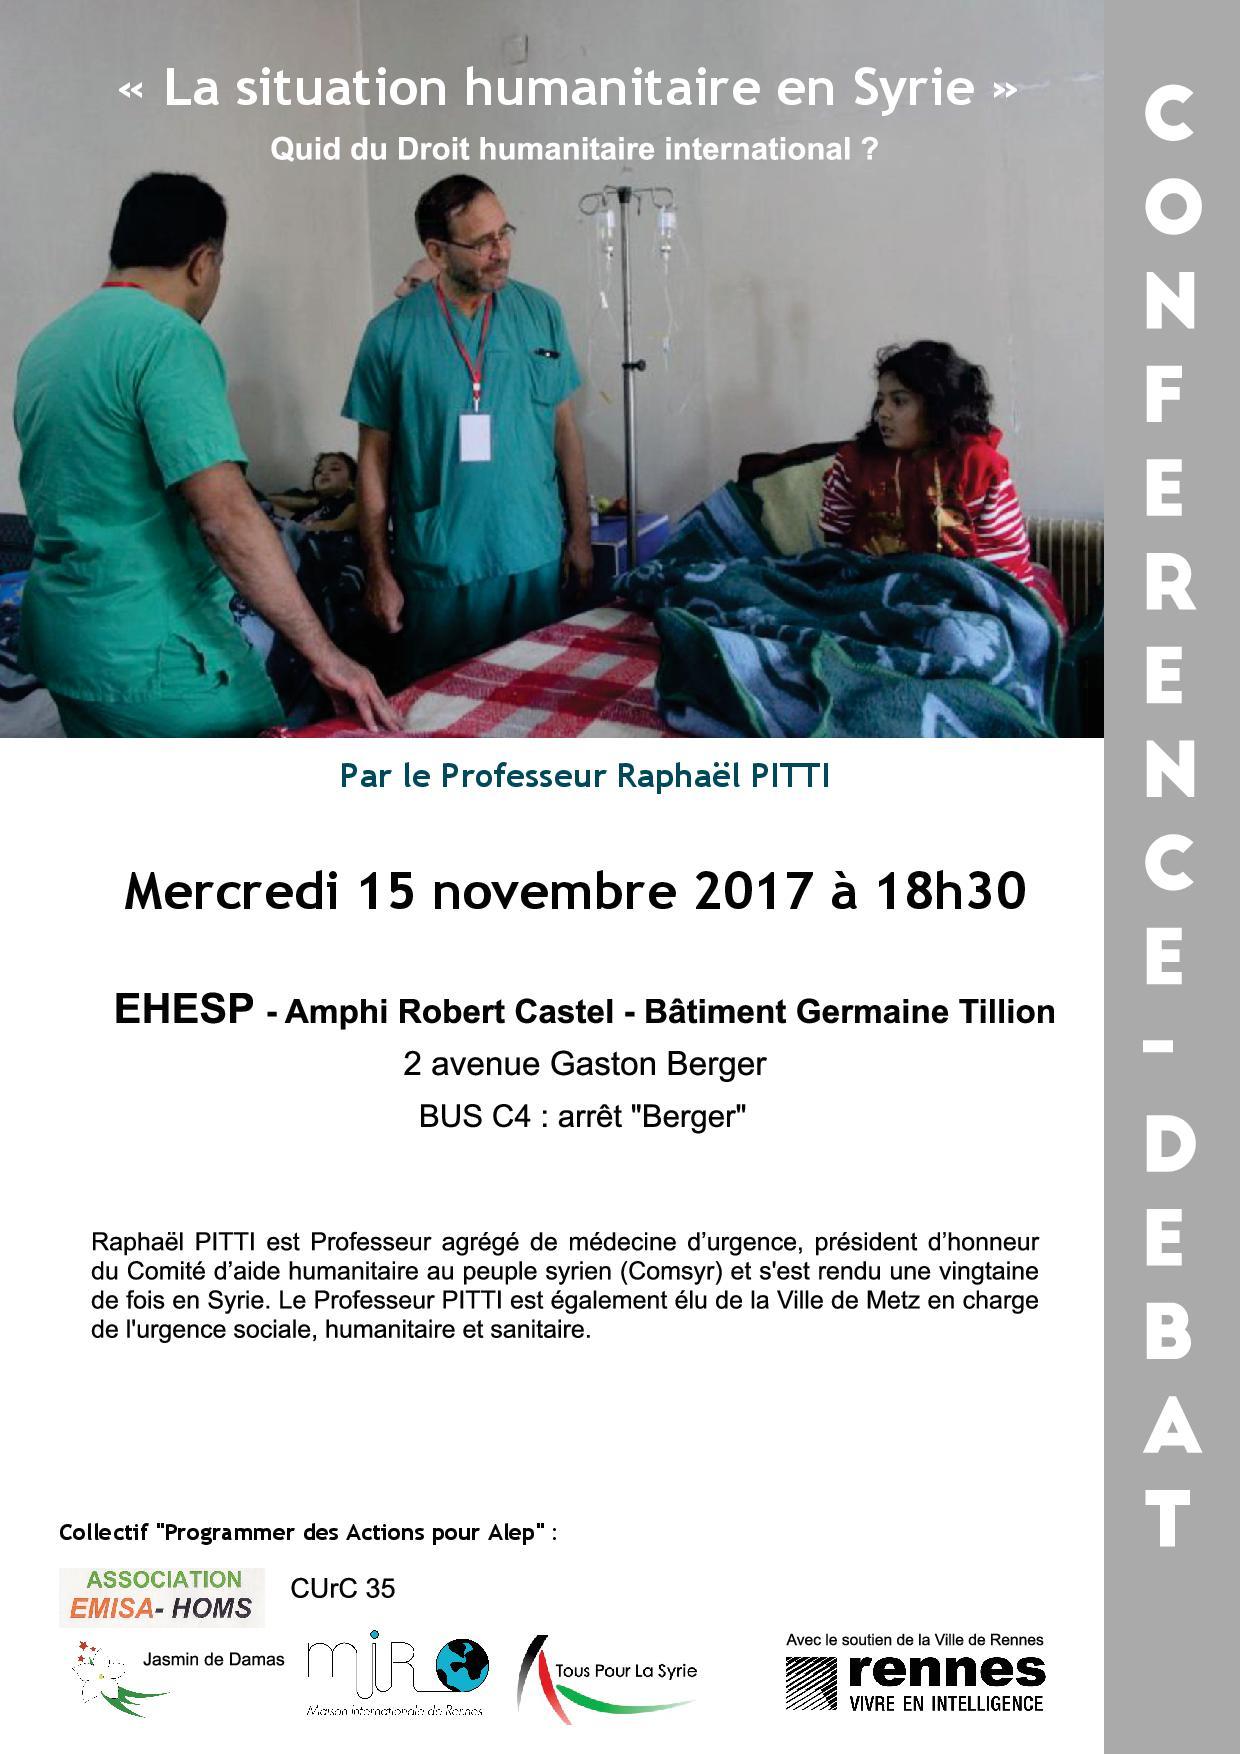 Conférence-débat « La situation humanitaire en Syrie », le mercredi 15 novembre 2017